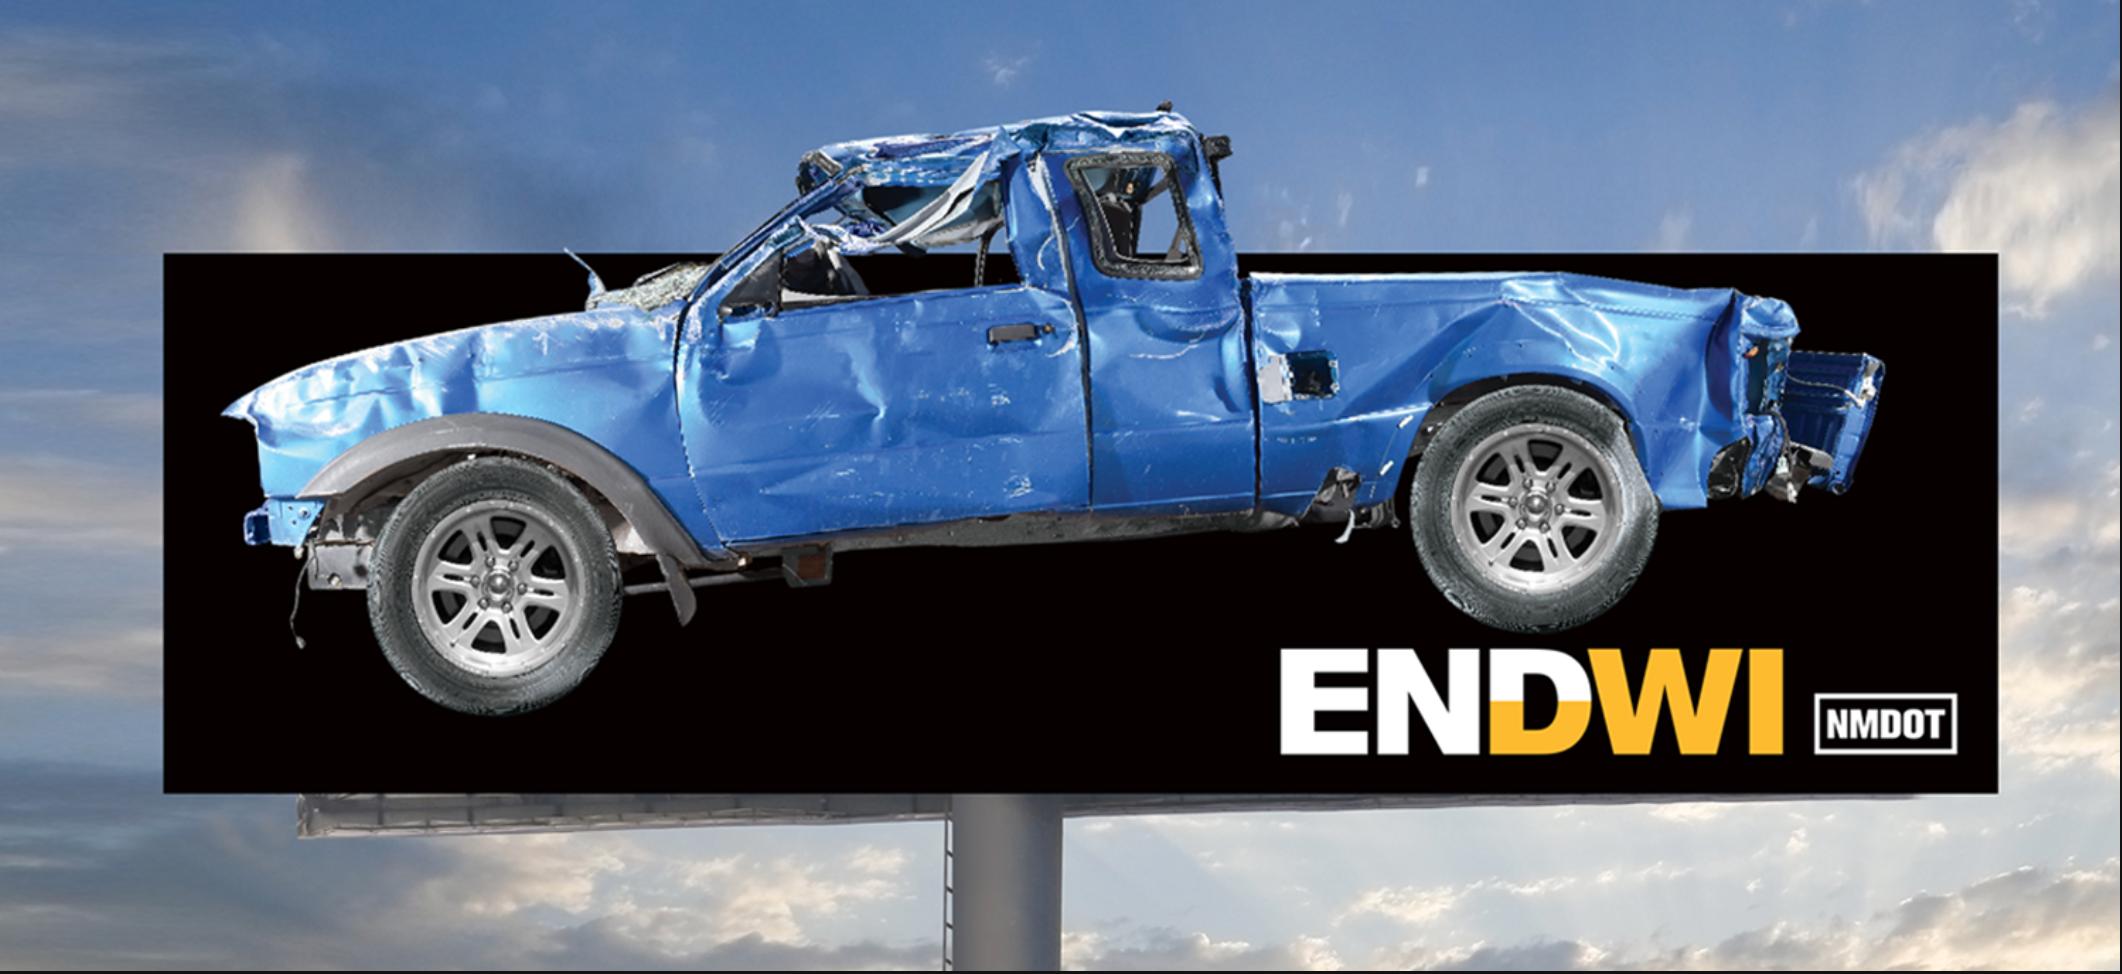 ENDWI Crash NMDOT